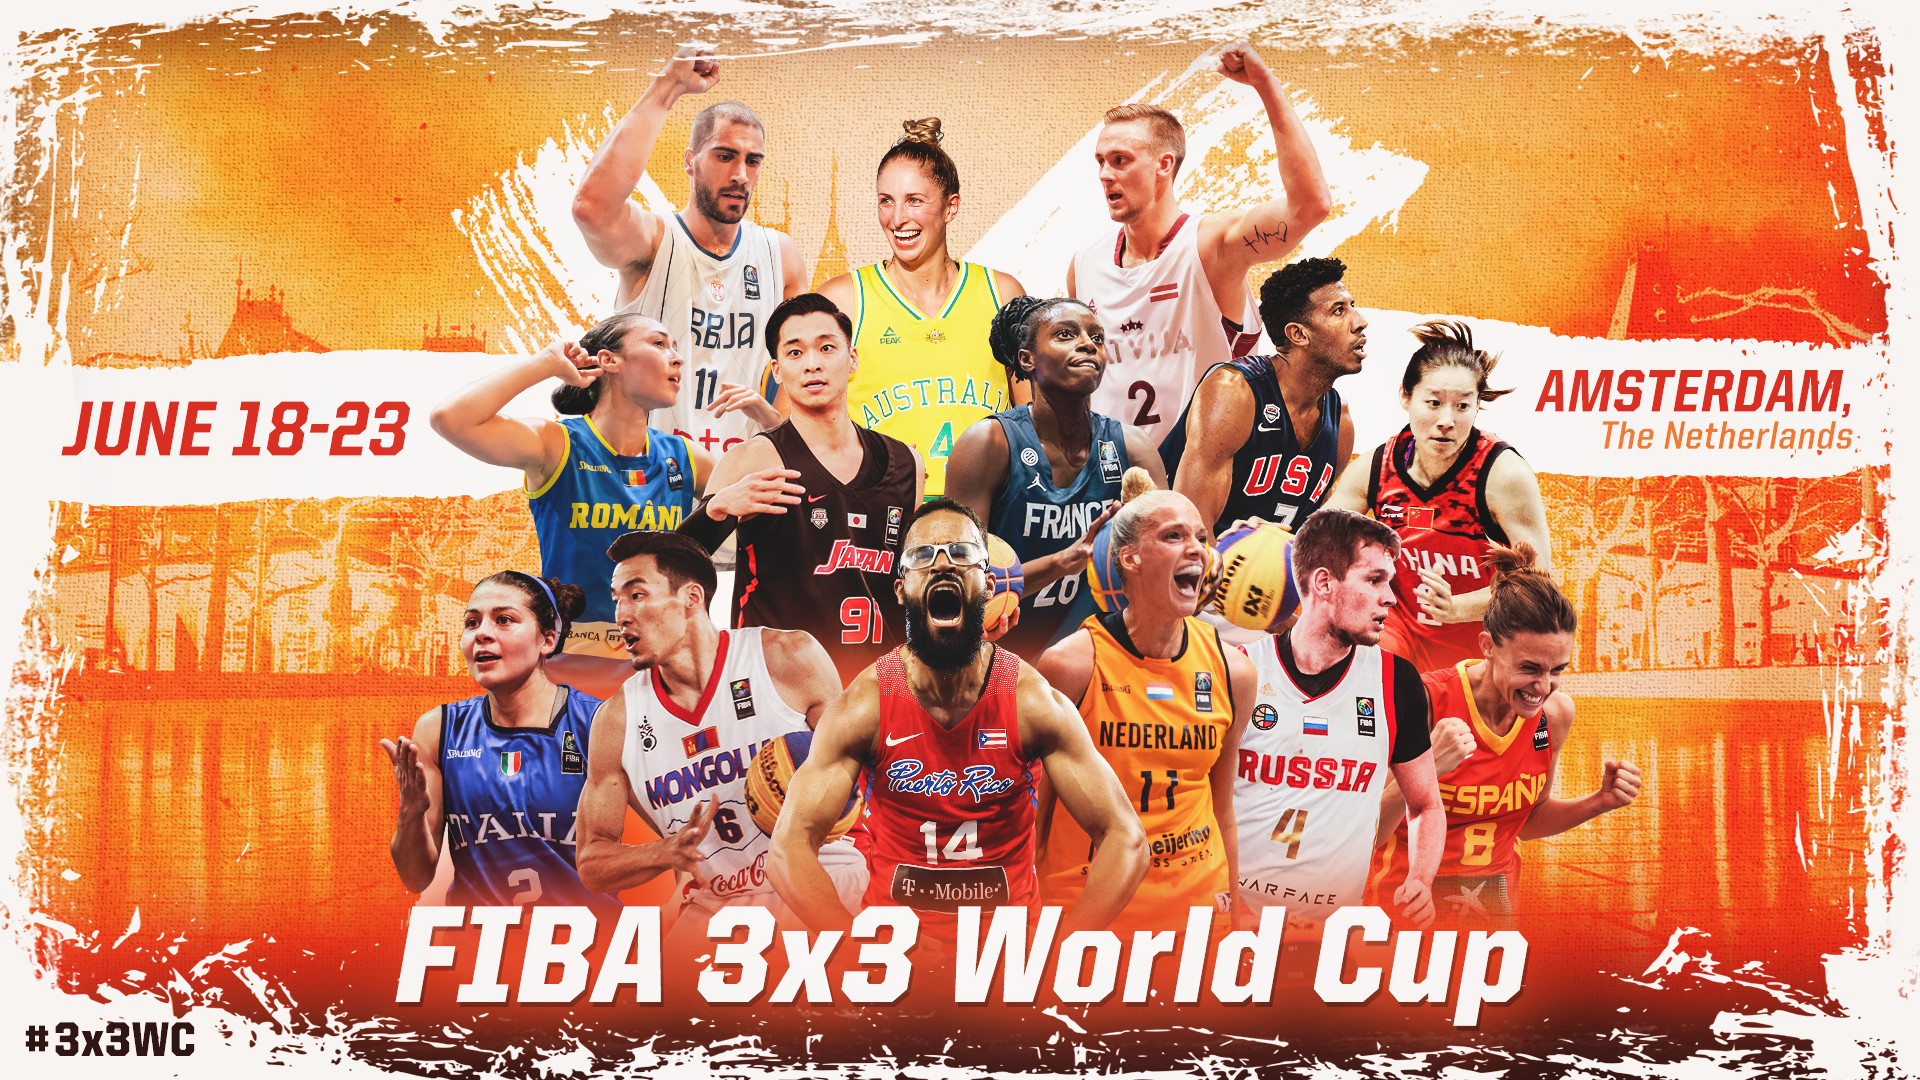 FIBA 5